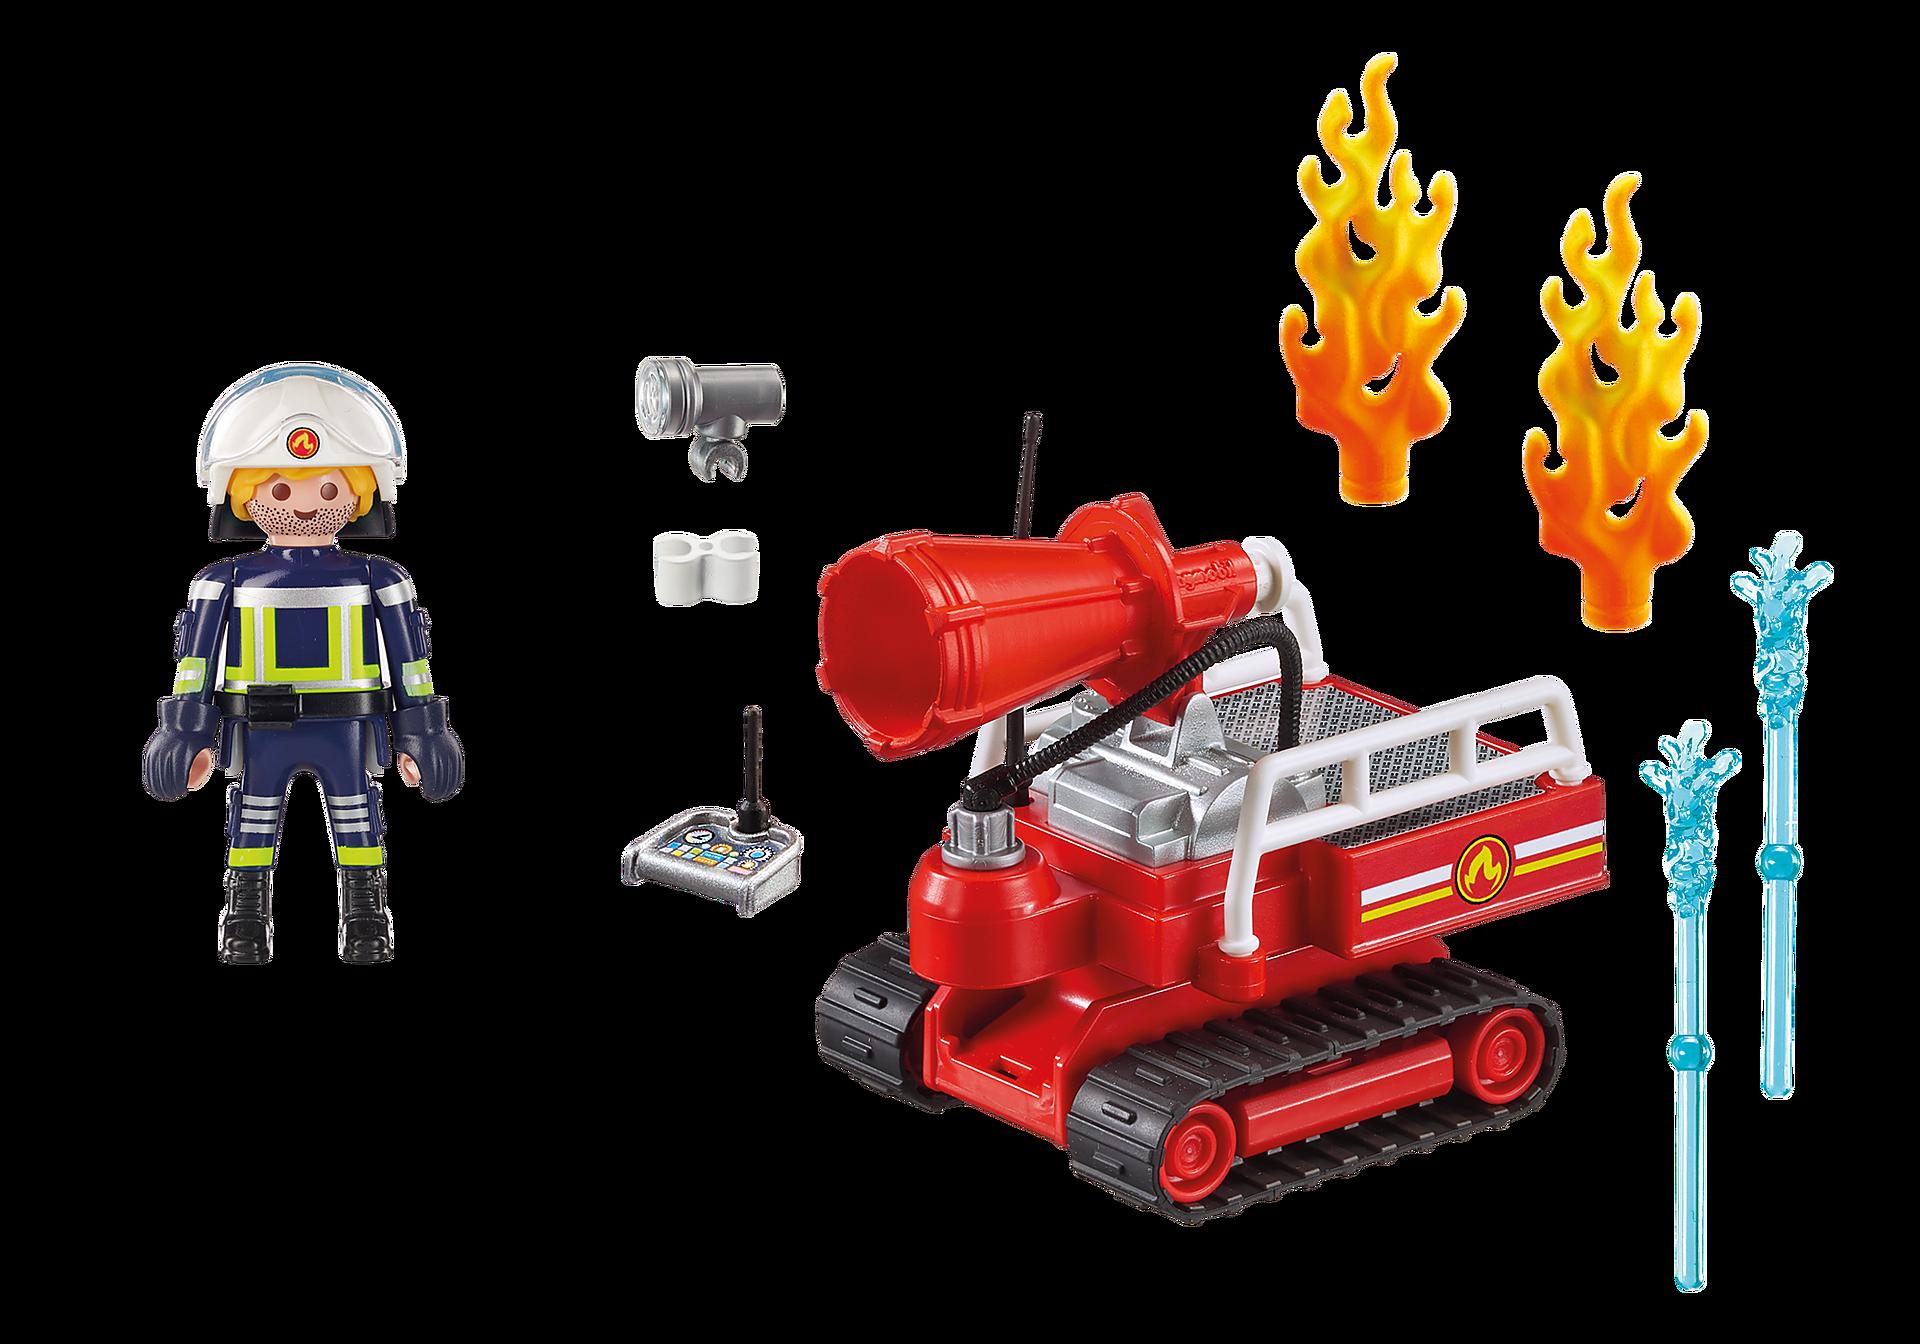 9467 Πυροσβεστικό κανόνι νερού με χειριστή zoom image4